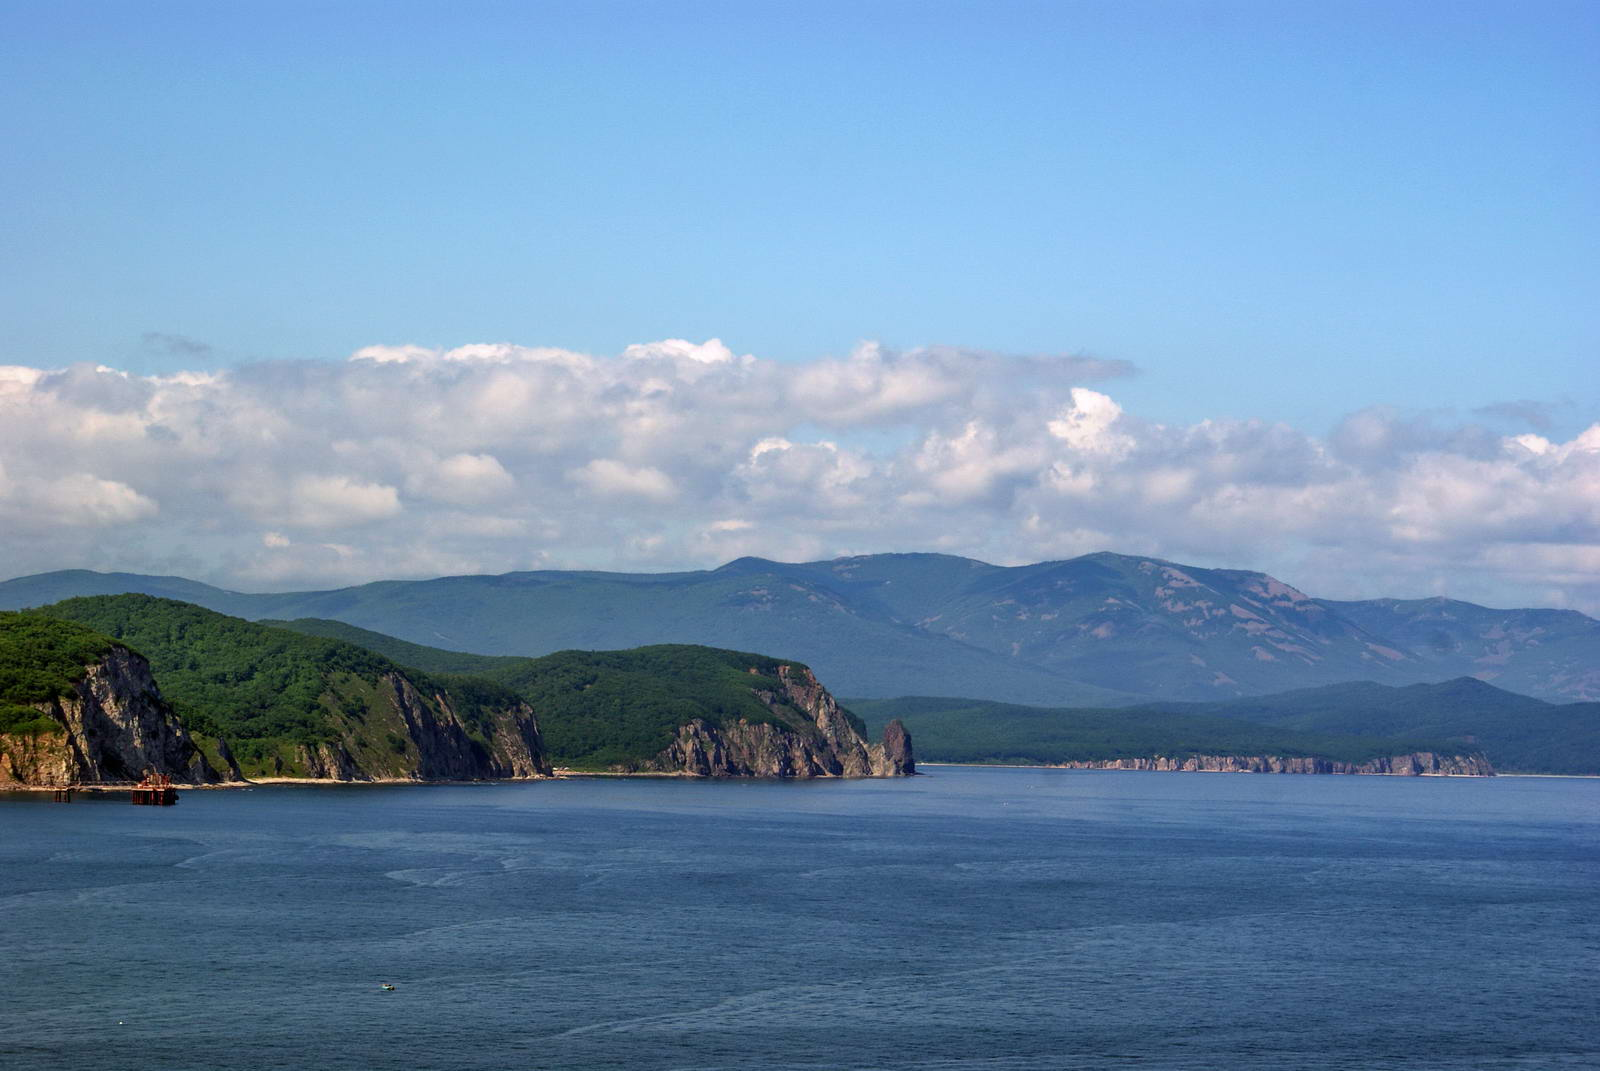 суде, дальнегорск приморский край фото море главной